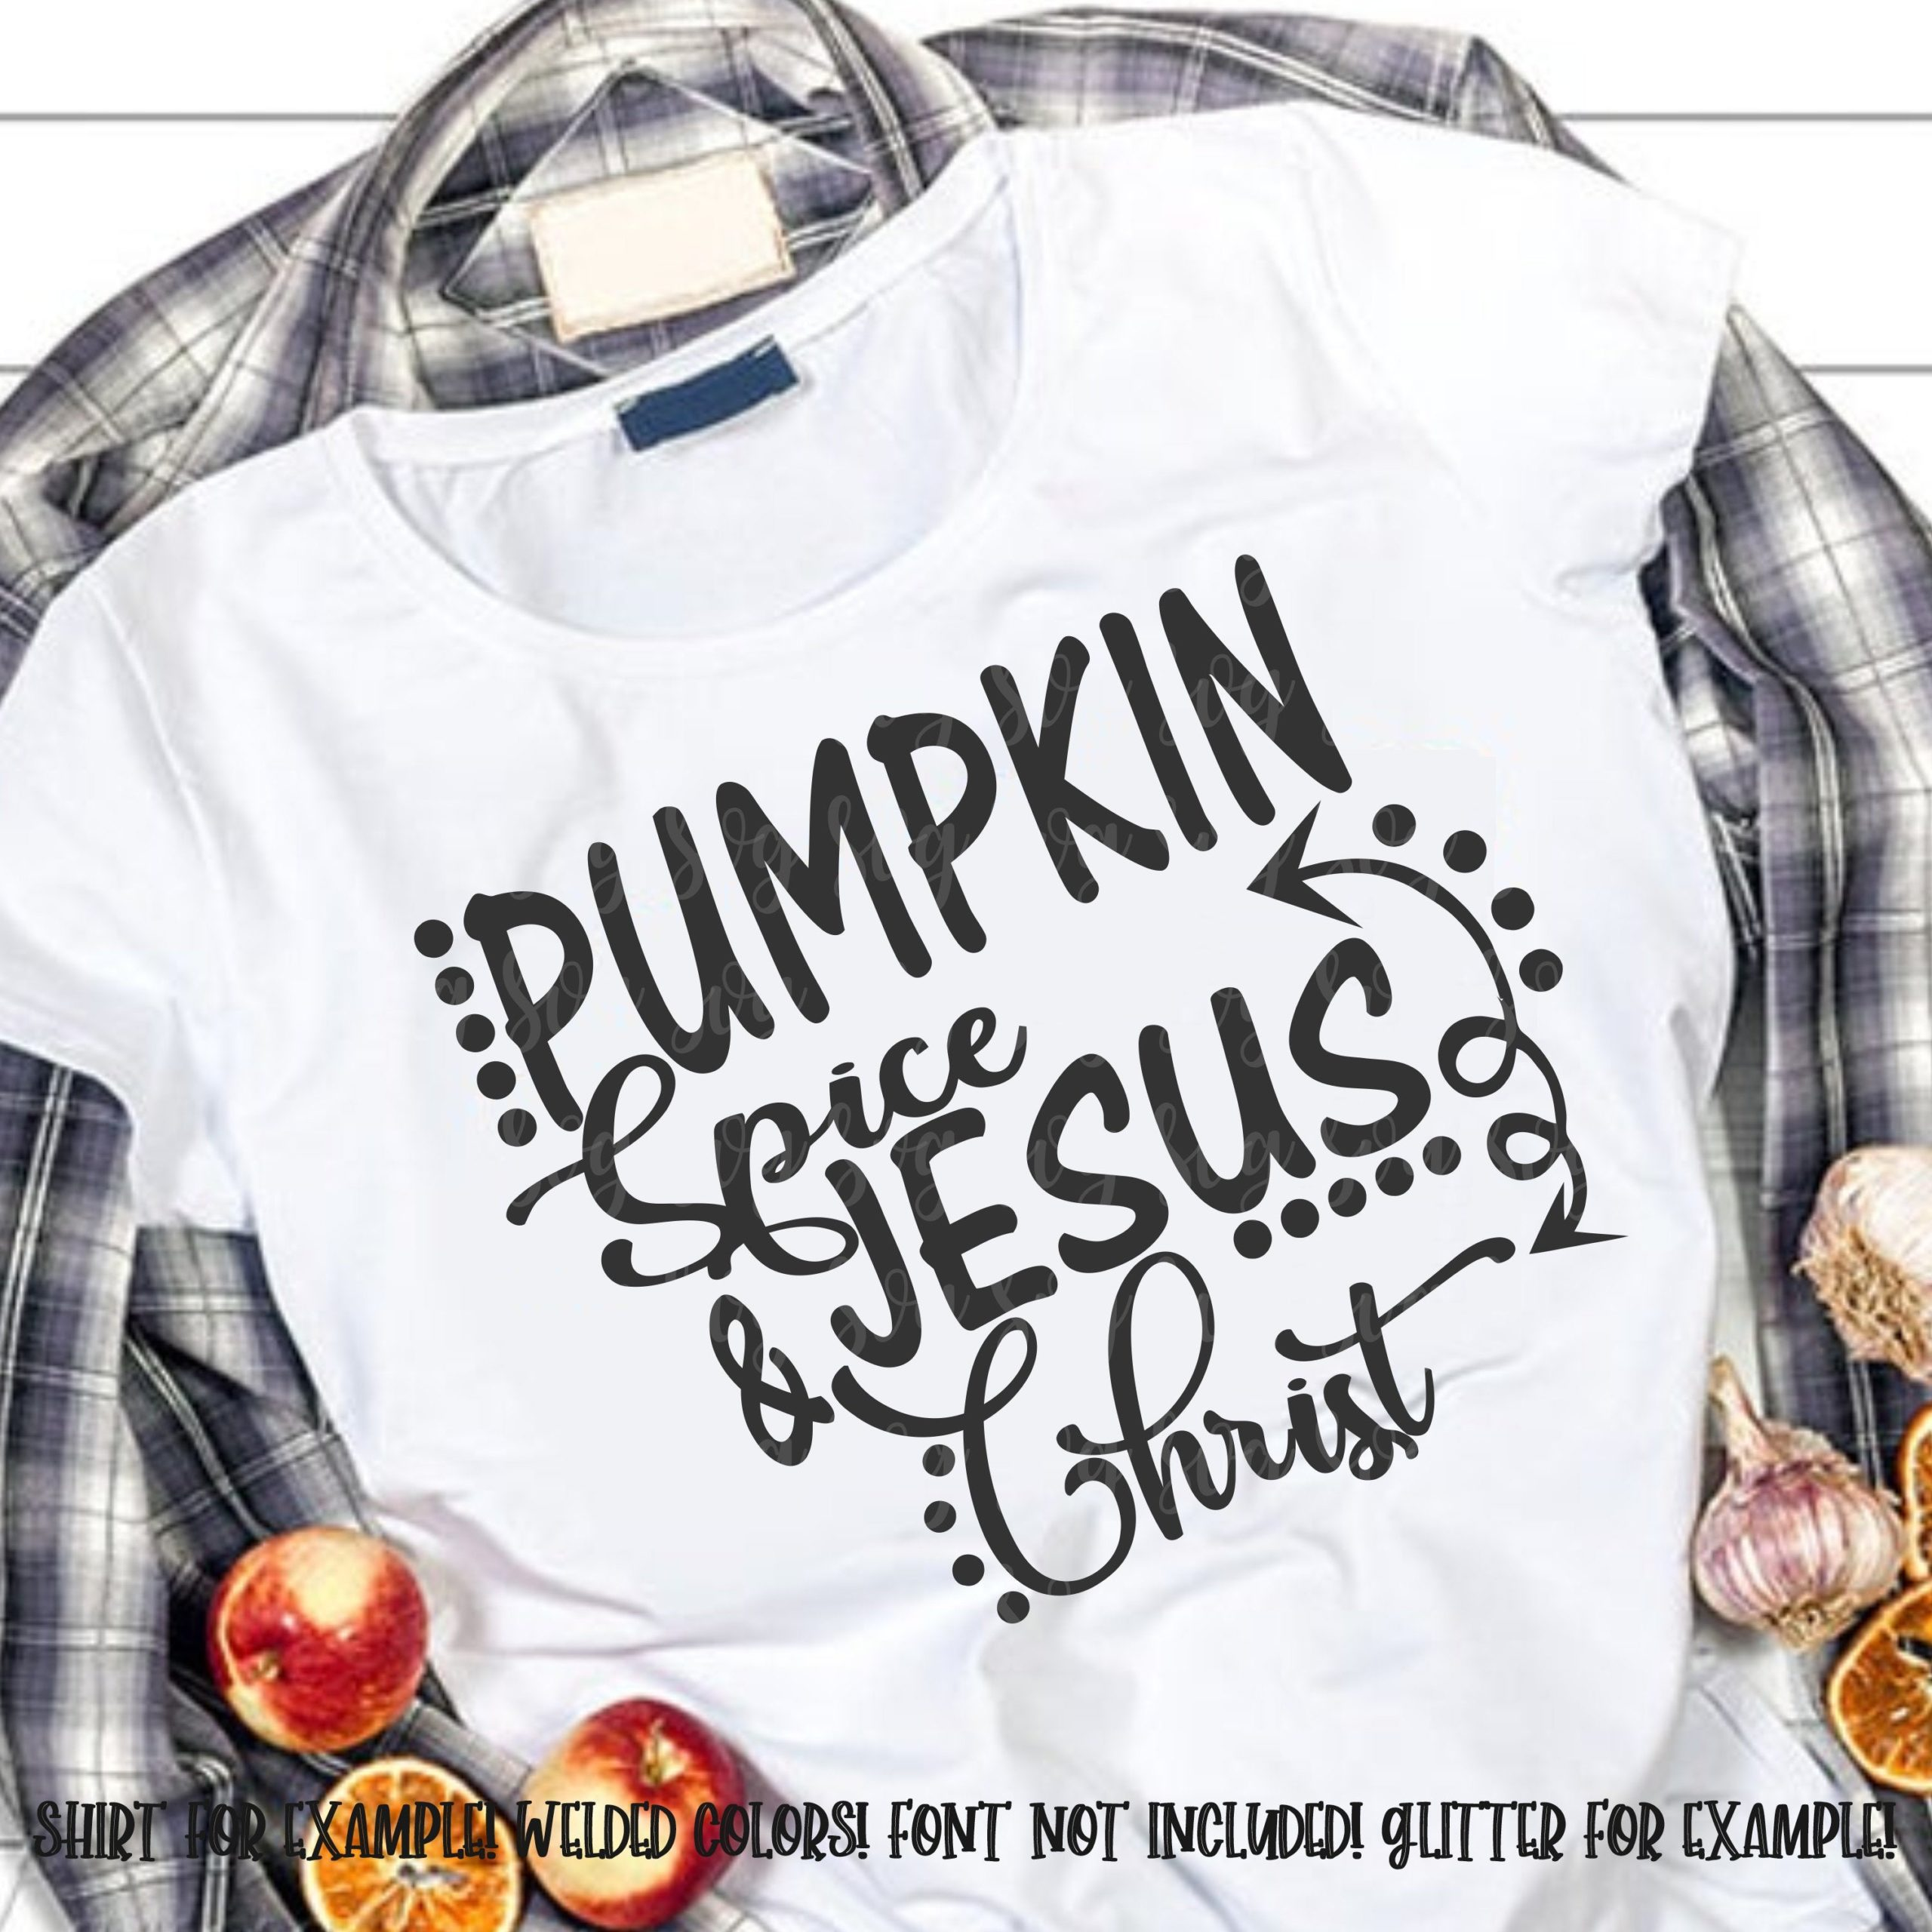 Pumpkin-spice-svg-jesus-christ-svg-pumpkin-latte-svg-happy-halloween-svgdigital-download-commercial-use-svgs-dxf-epsadore-svg-5f721aba